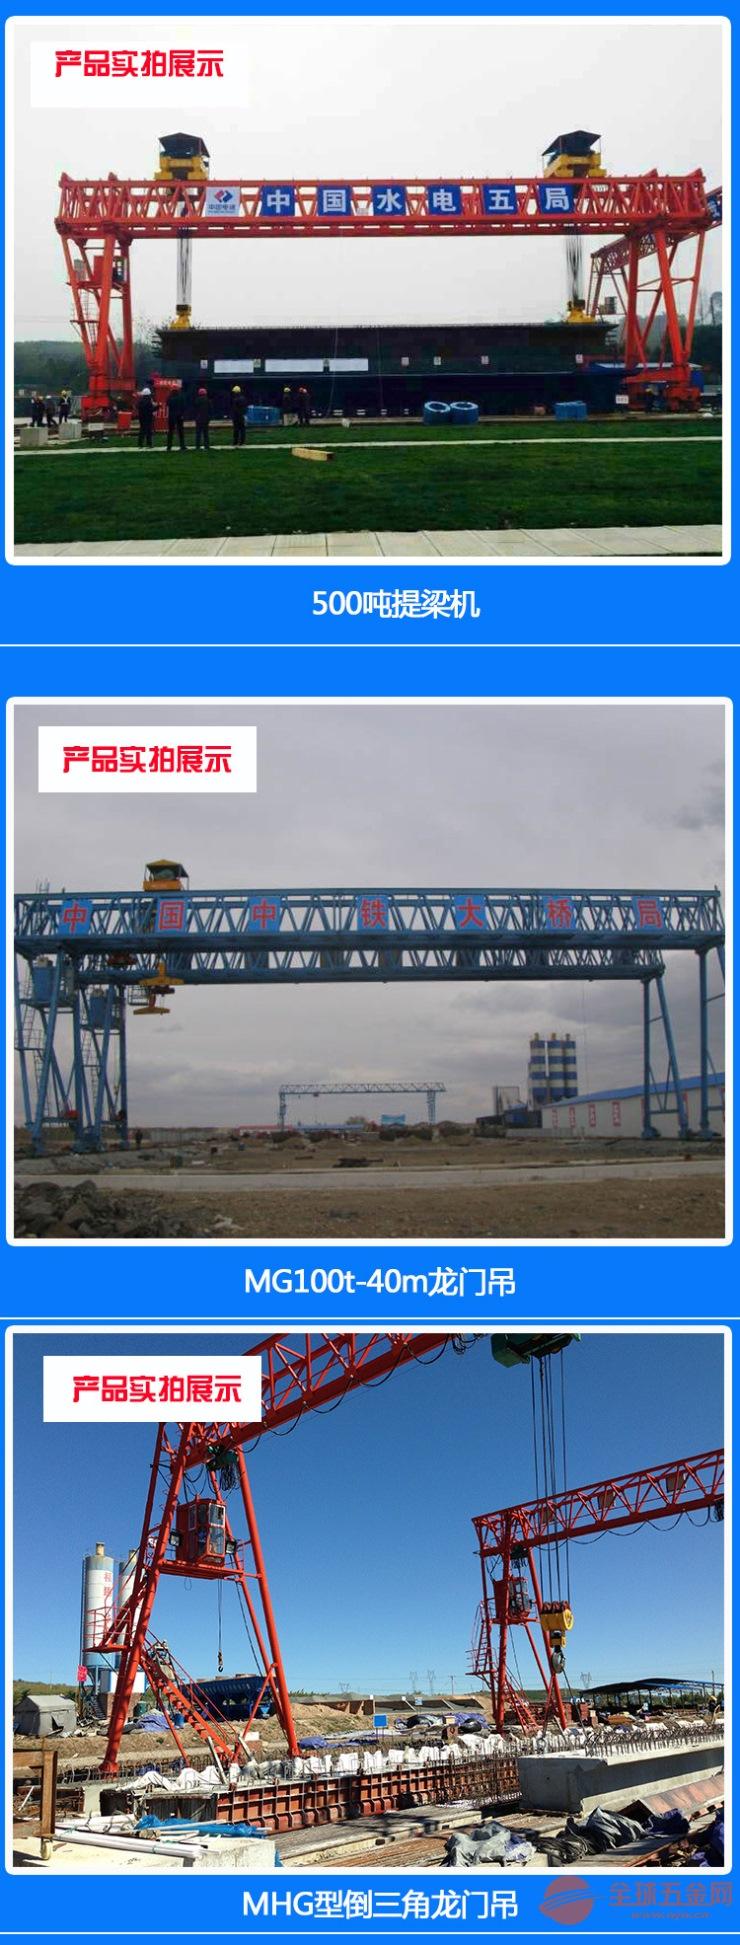 9吨3吨行车|航车|航吊|行吊|龙门吊制作加工图纸配件厂家直销桥式起重